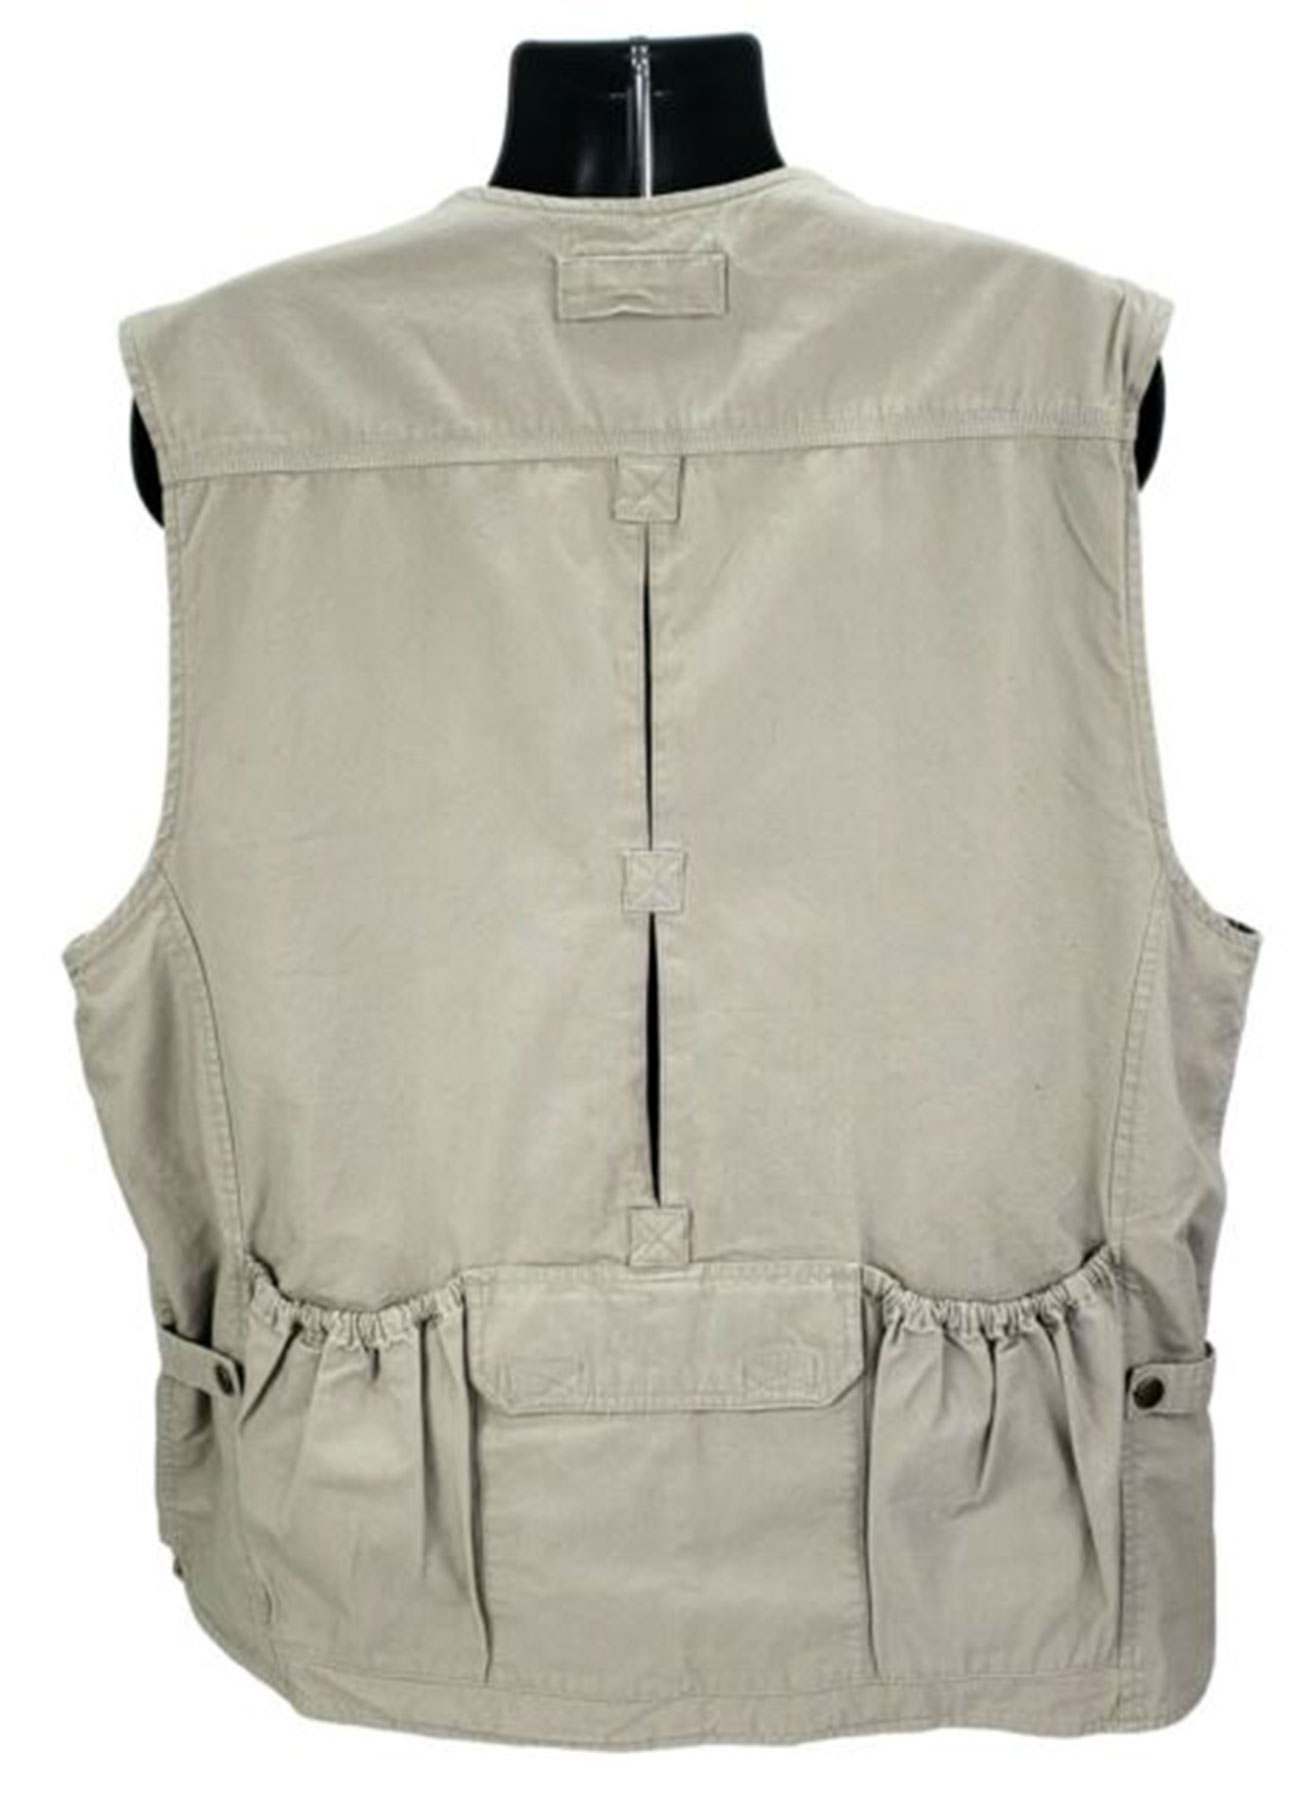 Men's Cotton Fabric Tactical Series Tan Vest